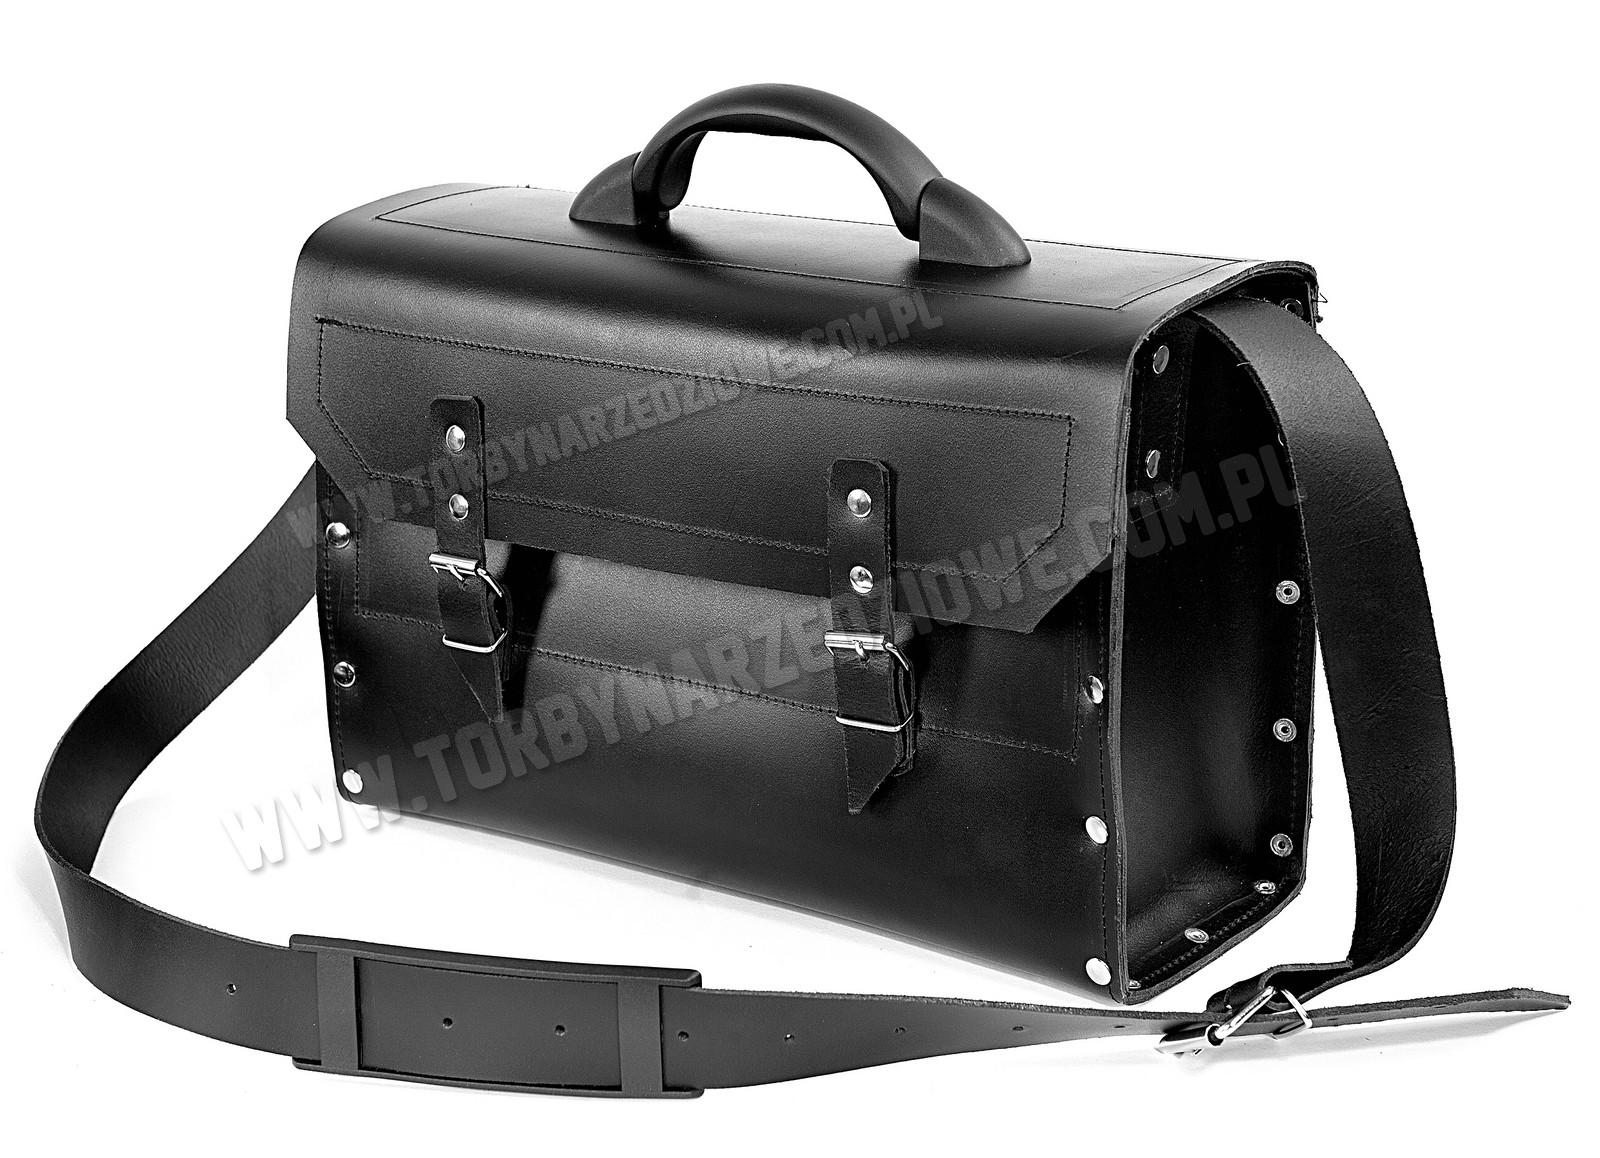 Skórzane torby narzędziowe, model AP001 Oferta Torby